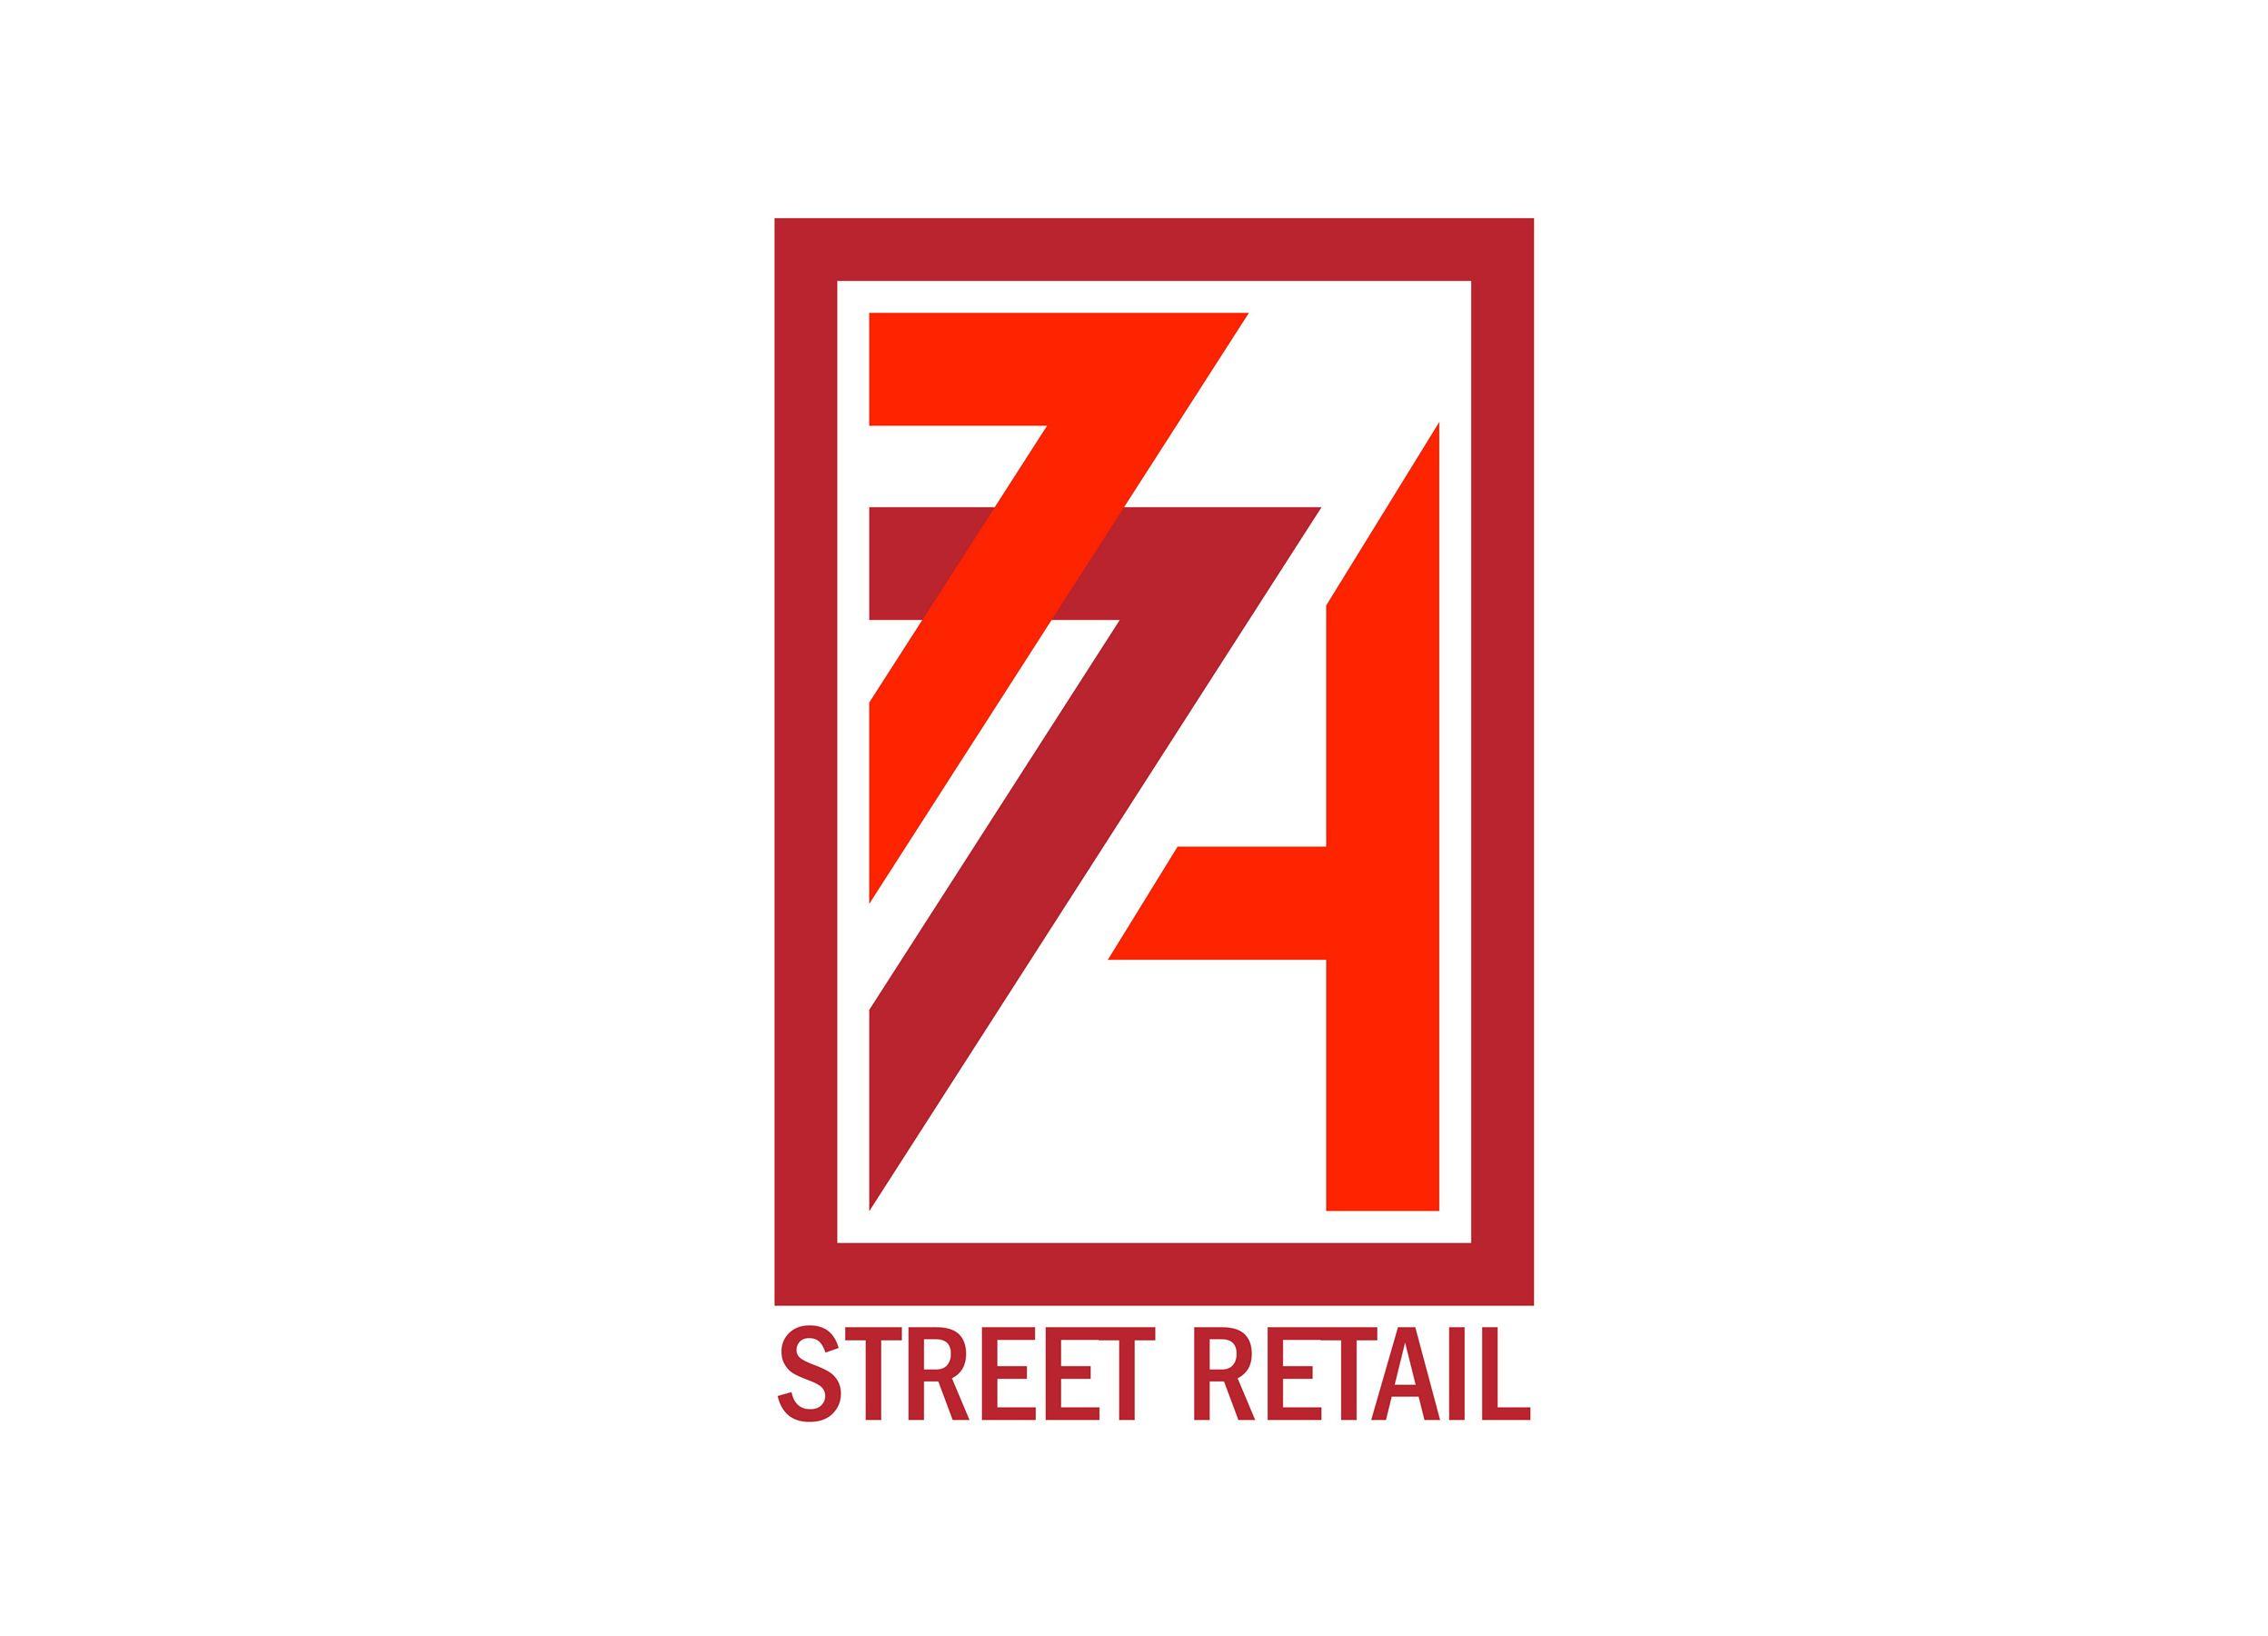 Лого для сайта по коммерческой недвижимости A77.RU - дизайнер kirilln84